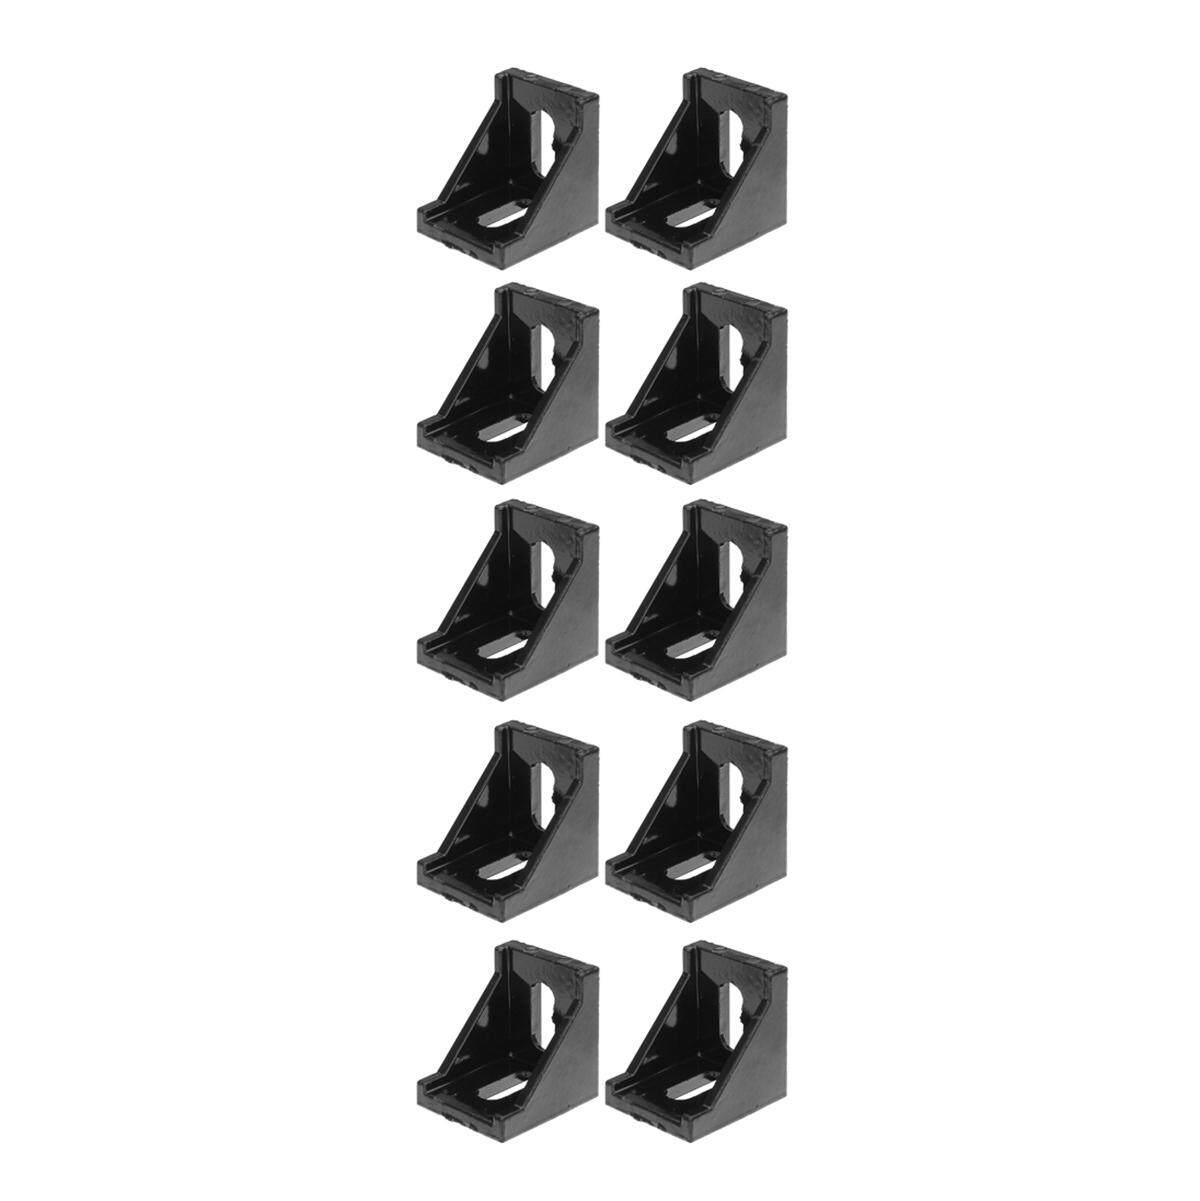 Suleve AJ28 28x28mm 10Pcs Black Aluminium Angle Corner Joint Right Angle Bracket Furniture Fittings